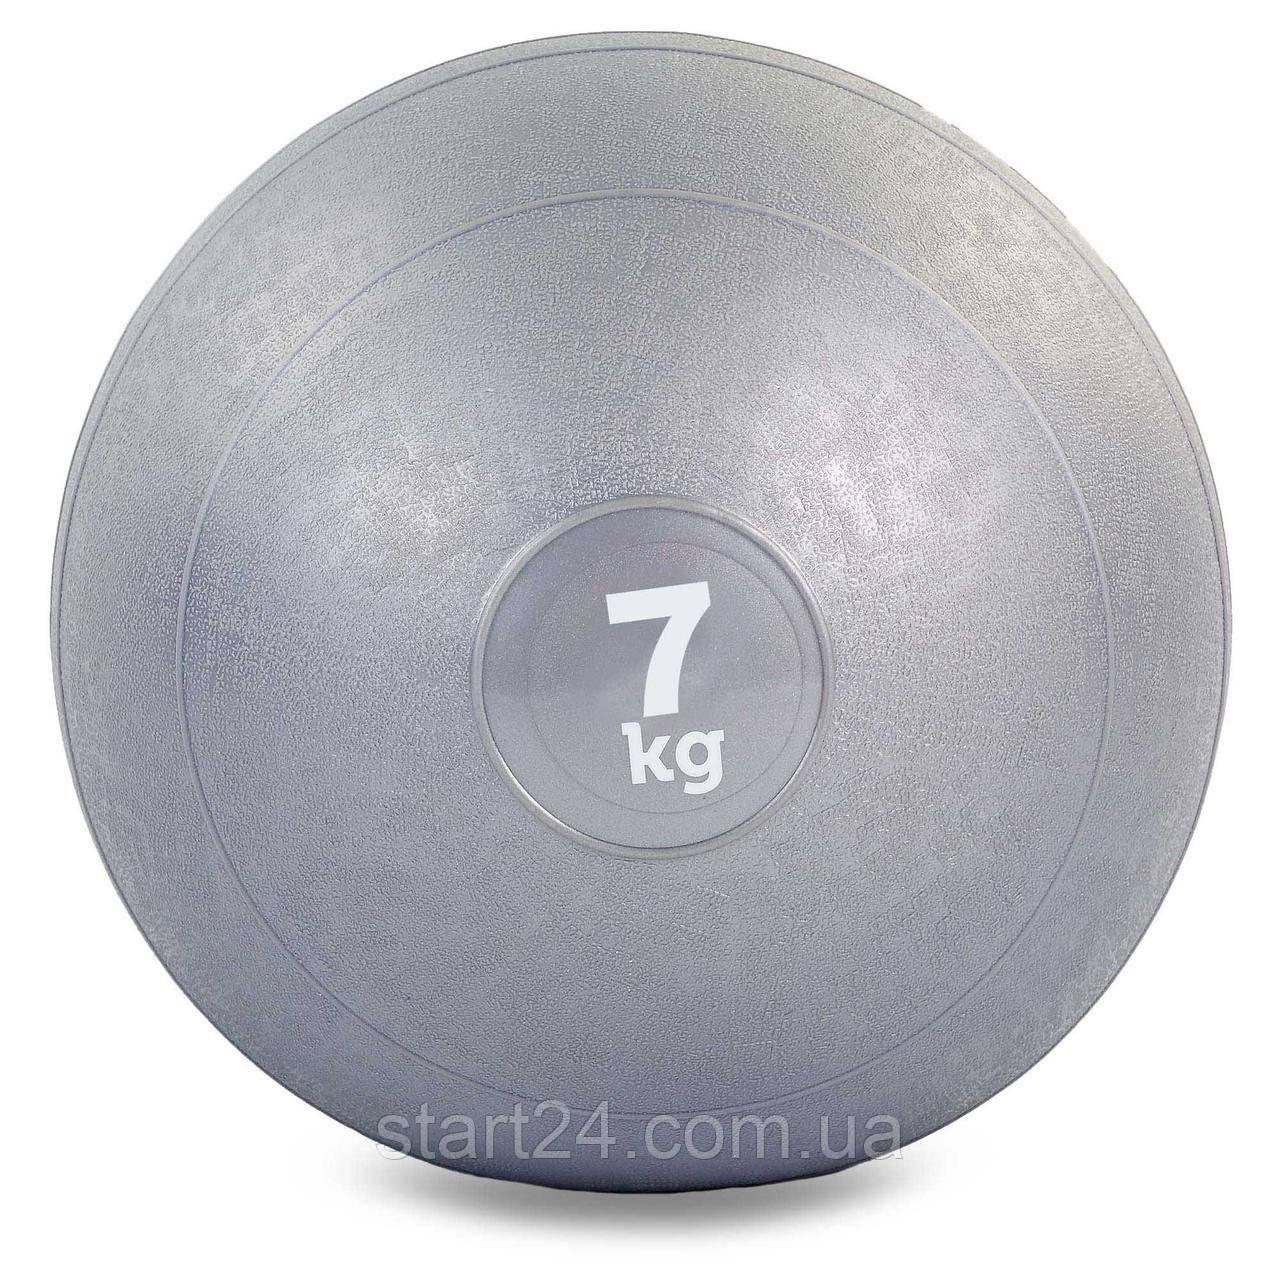 Мяч набивной слэмбол для кроссфита Record SLAM BALL FI-5165-7 7кг (резина, минеральный наполнитель, d-23см,